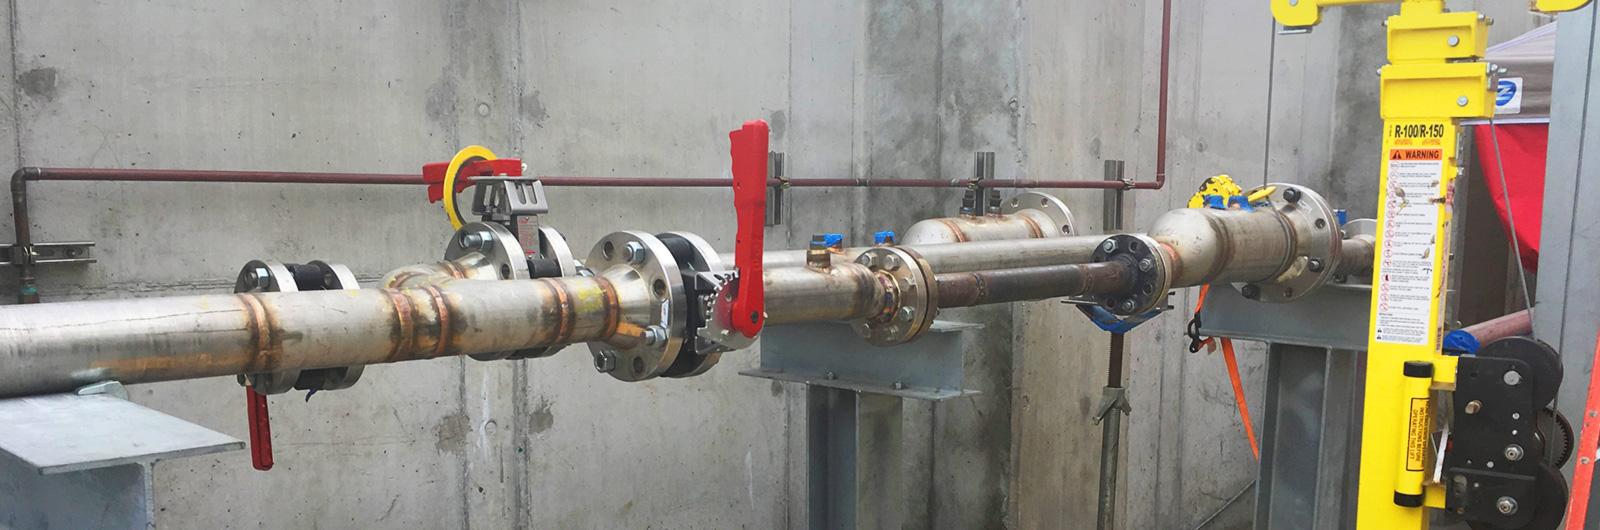 UTMB West Plant Hardening